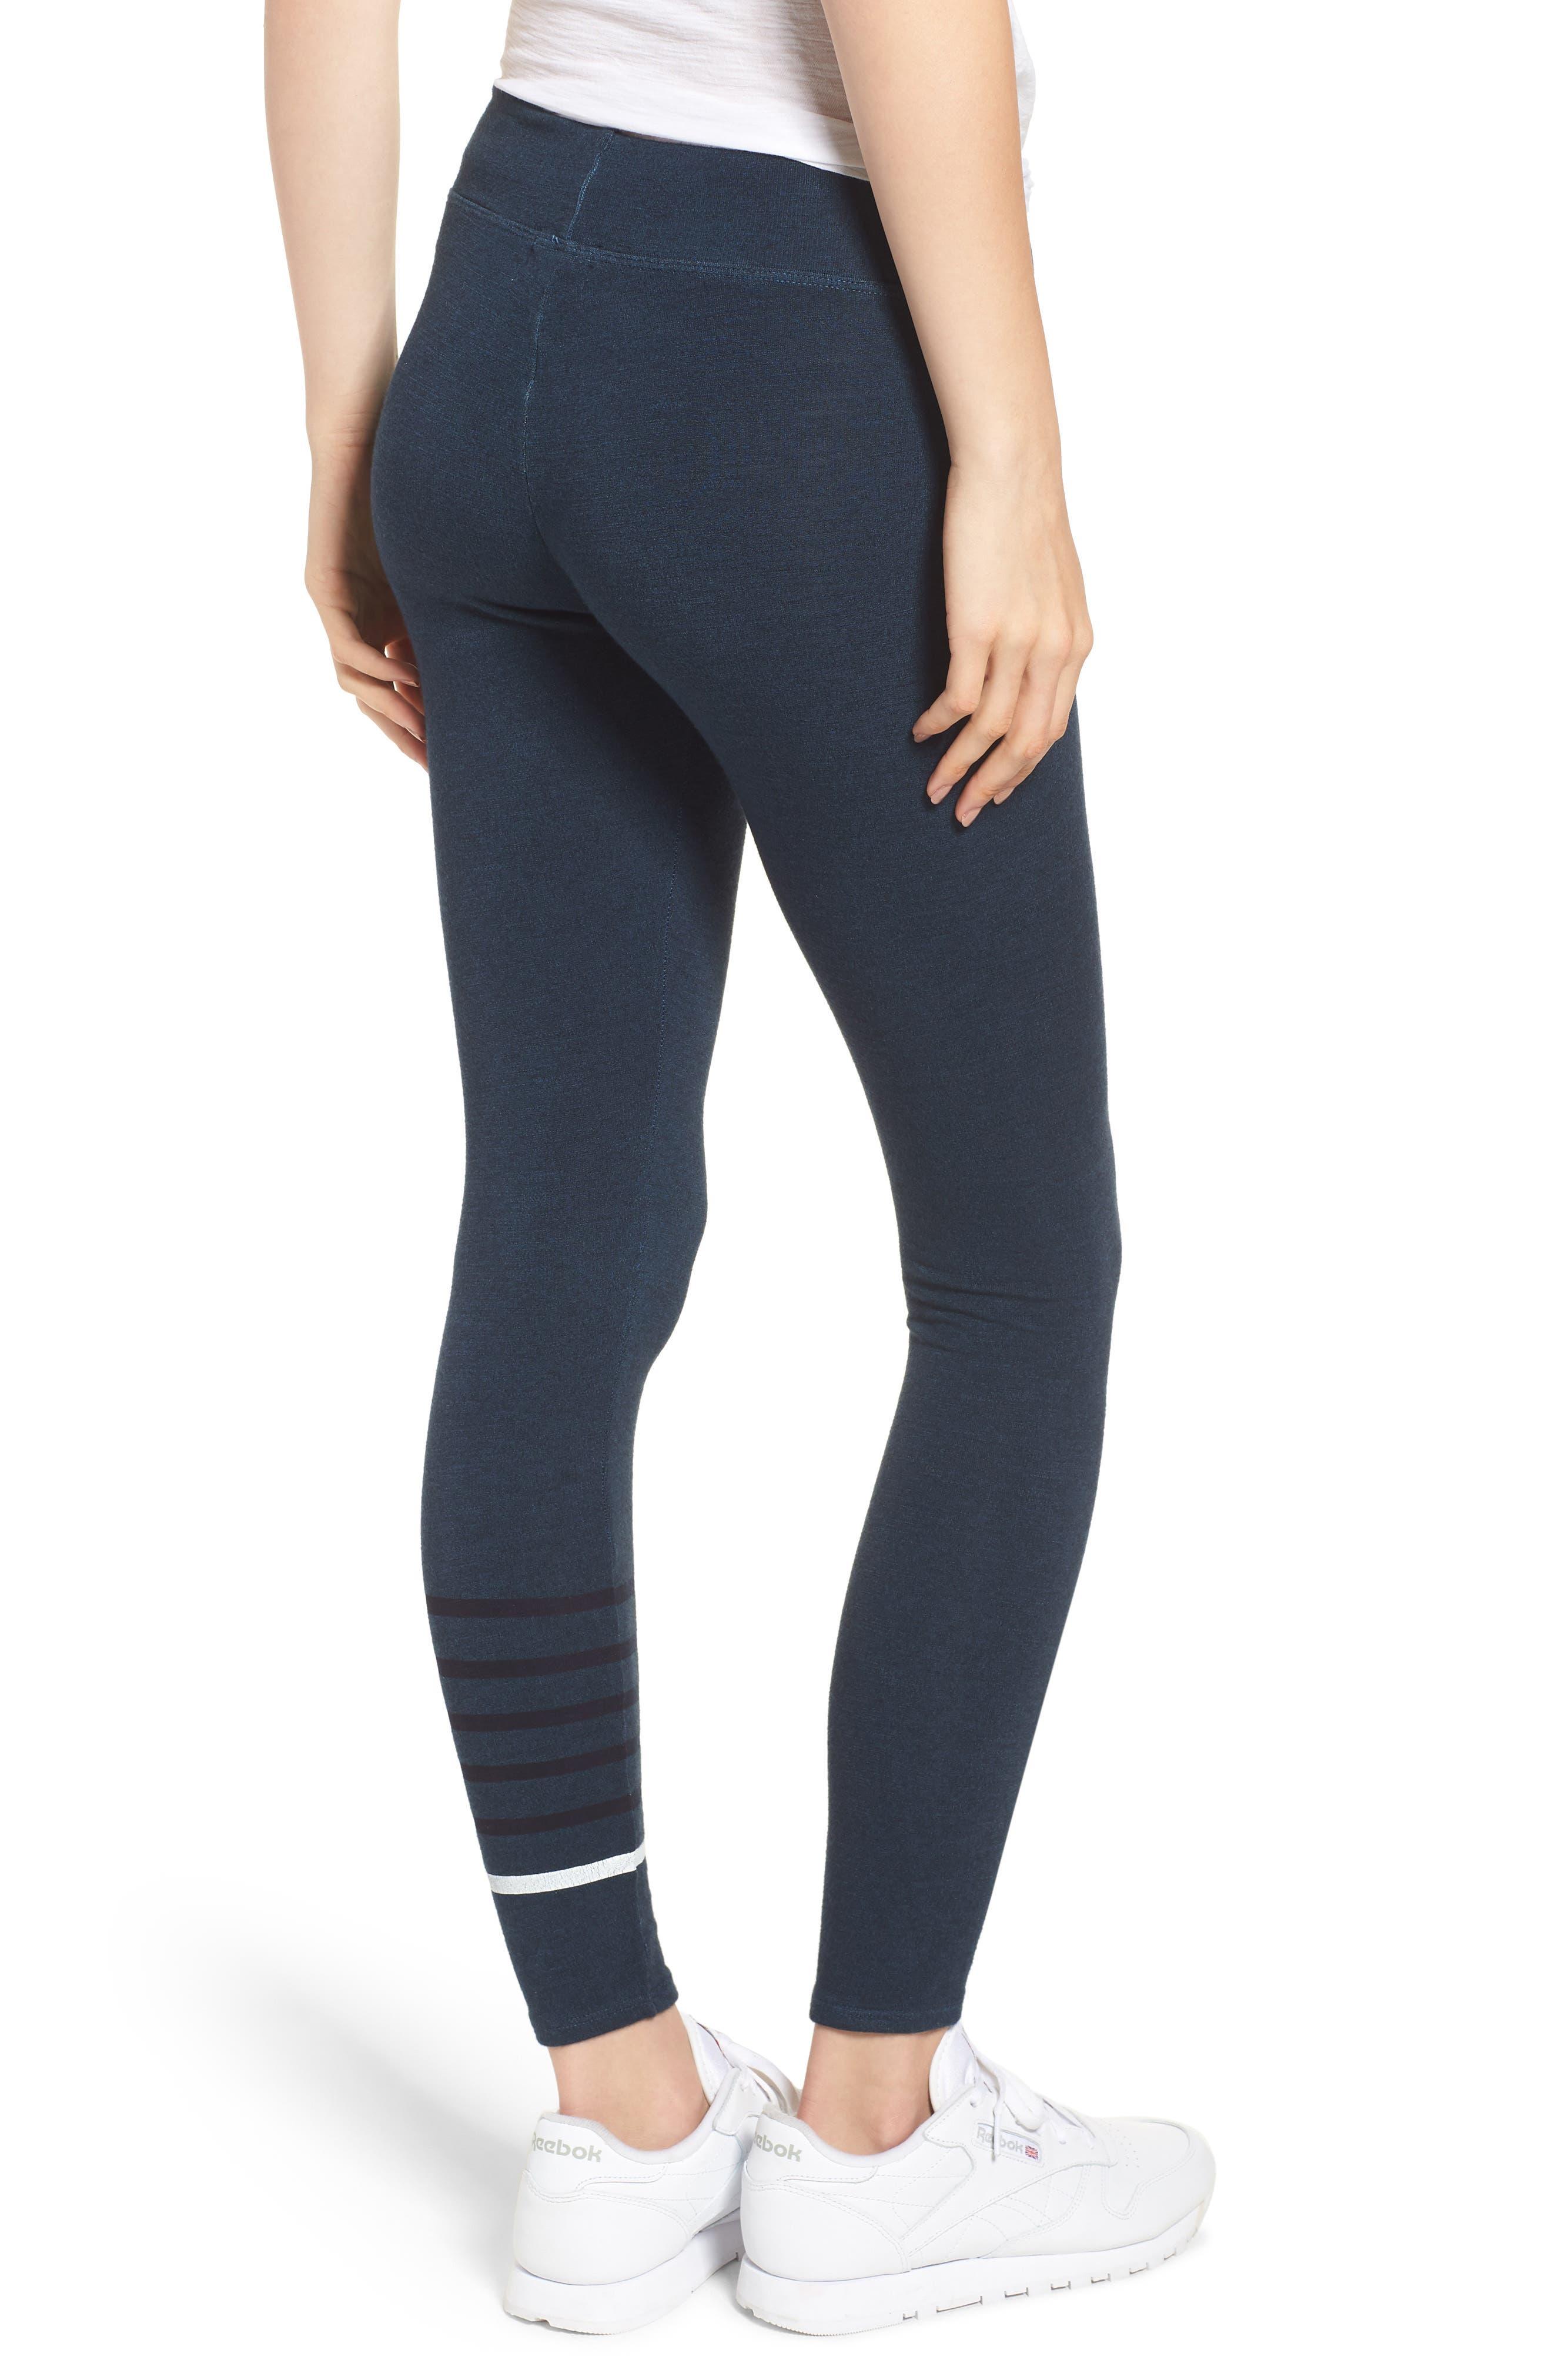 Stripe Yoga Pants,                             Alternate thumbnail 2, color,                             405